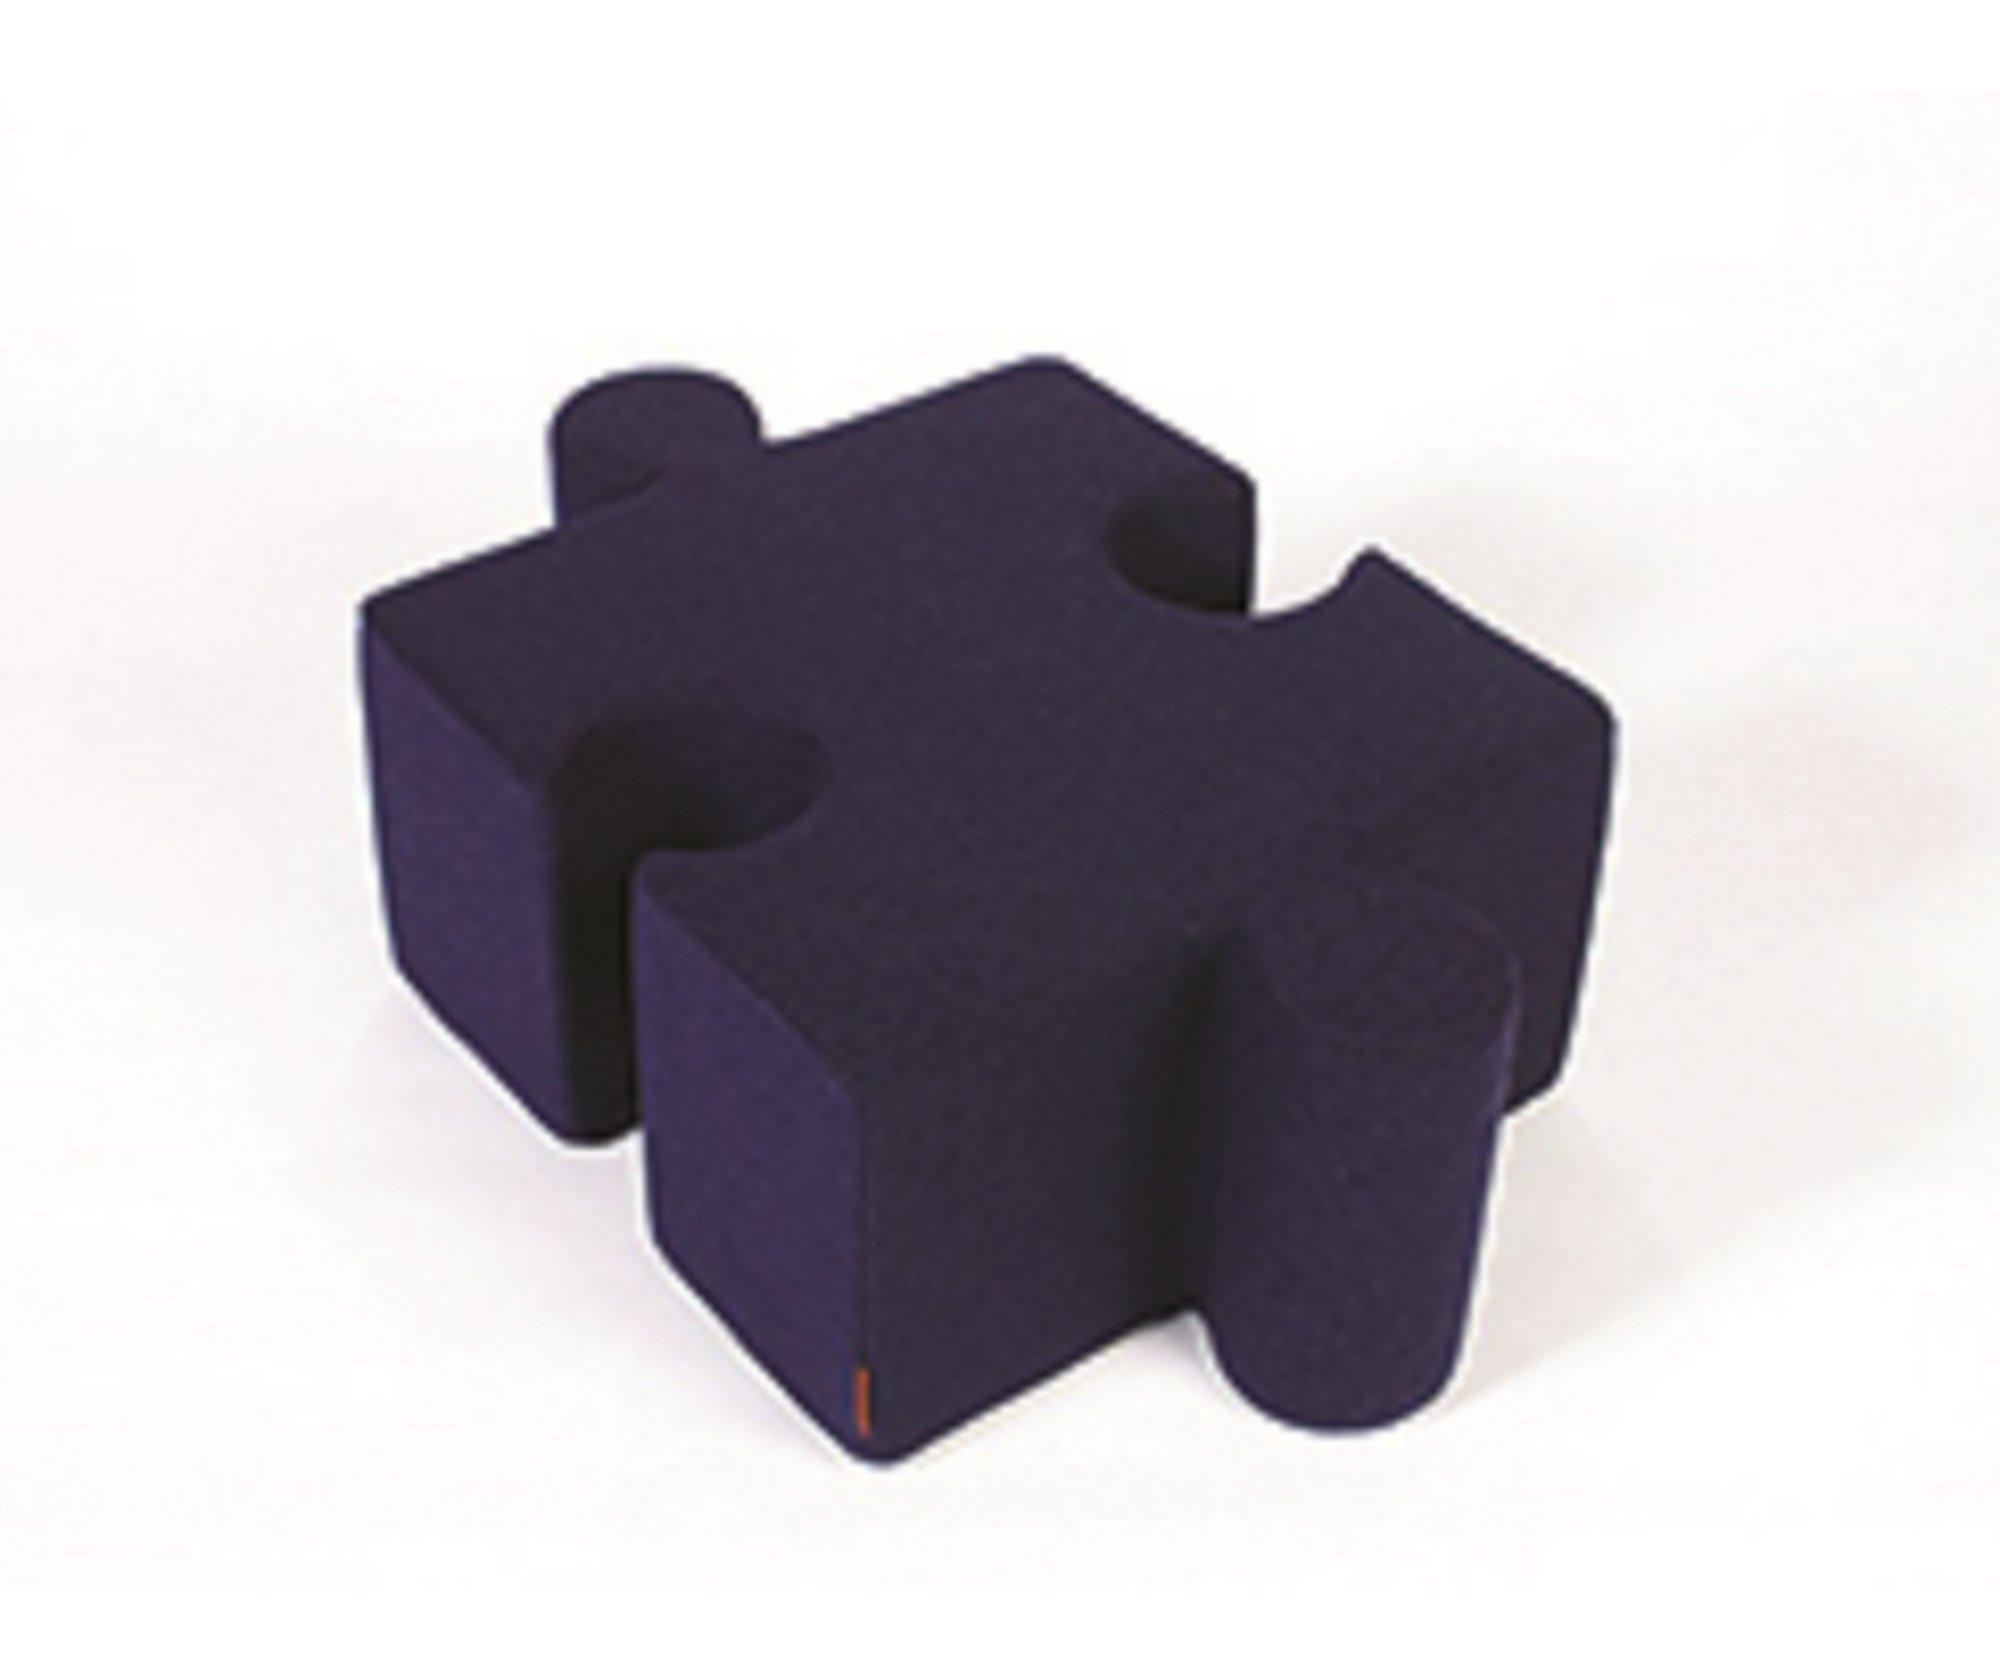 BuzziPuzzle